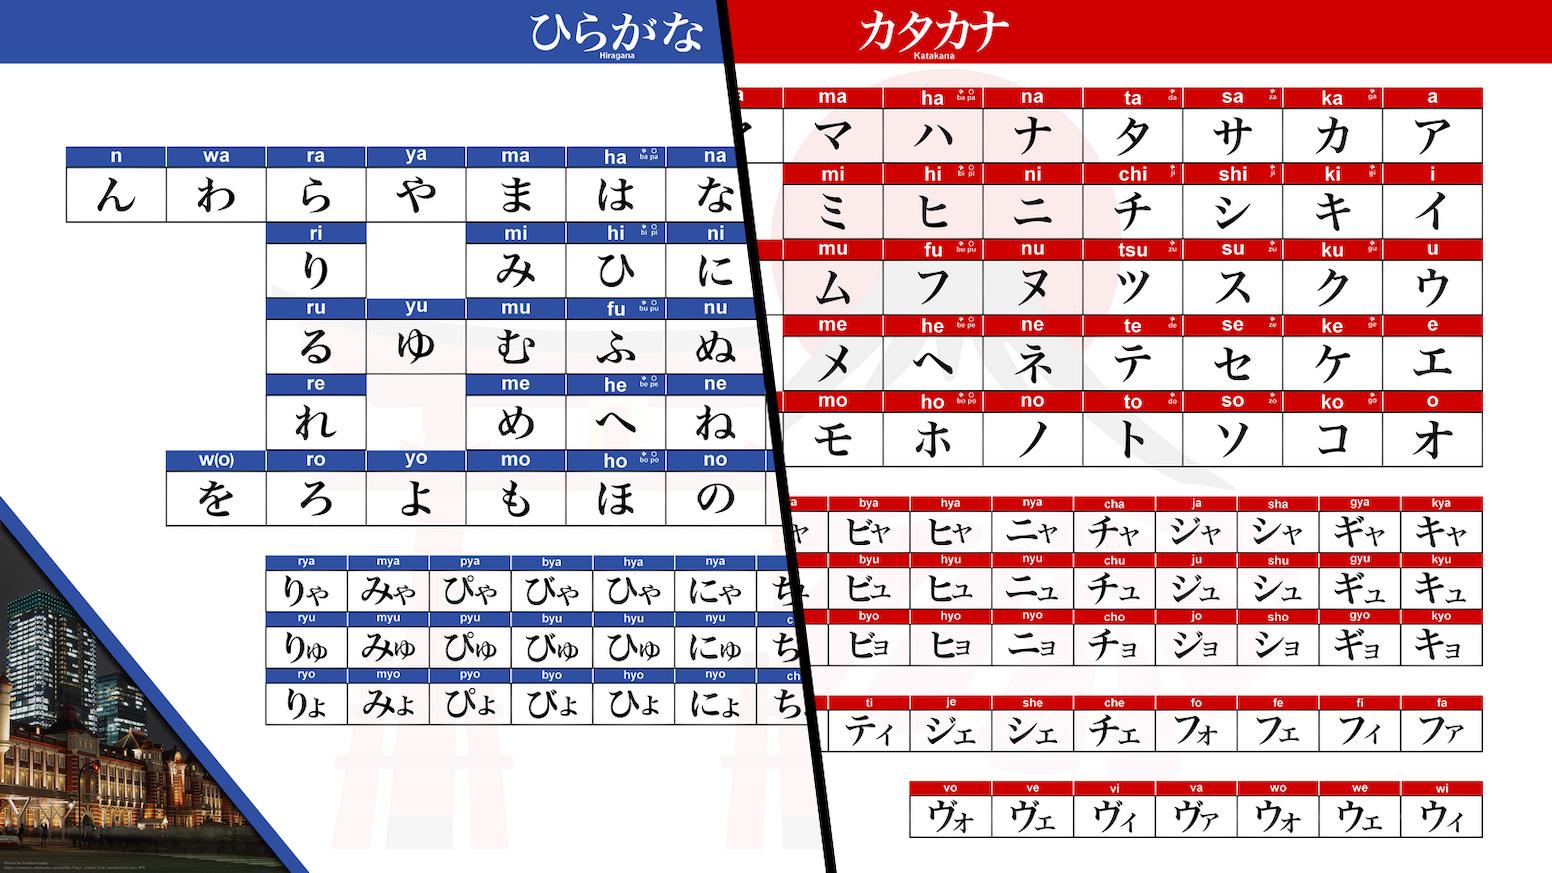 Learn Kana in Japanese (A set to learn Hiragana & Katakana